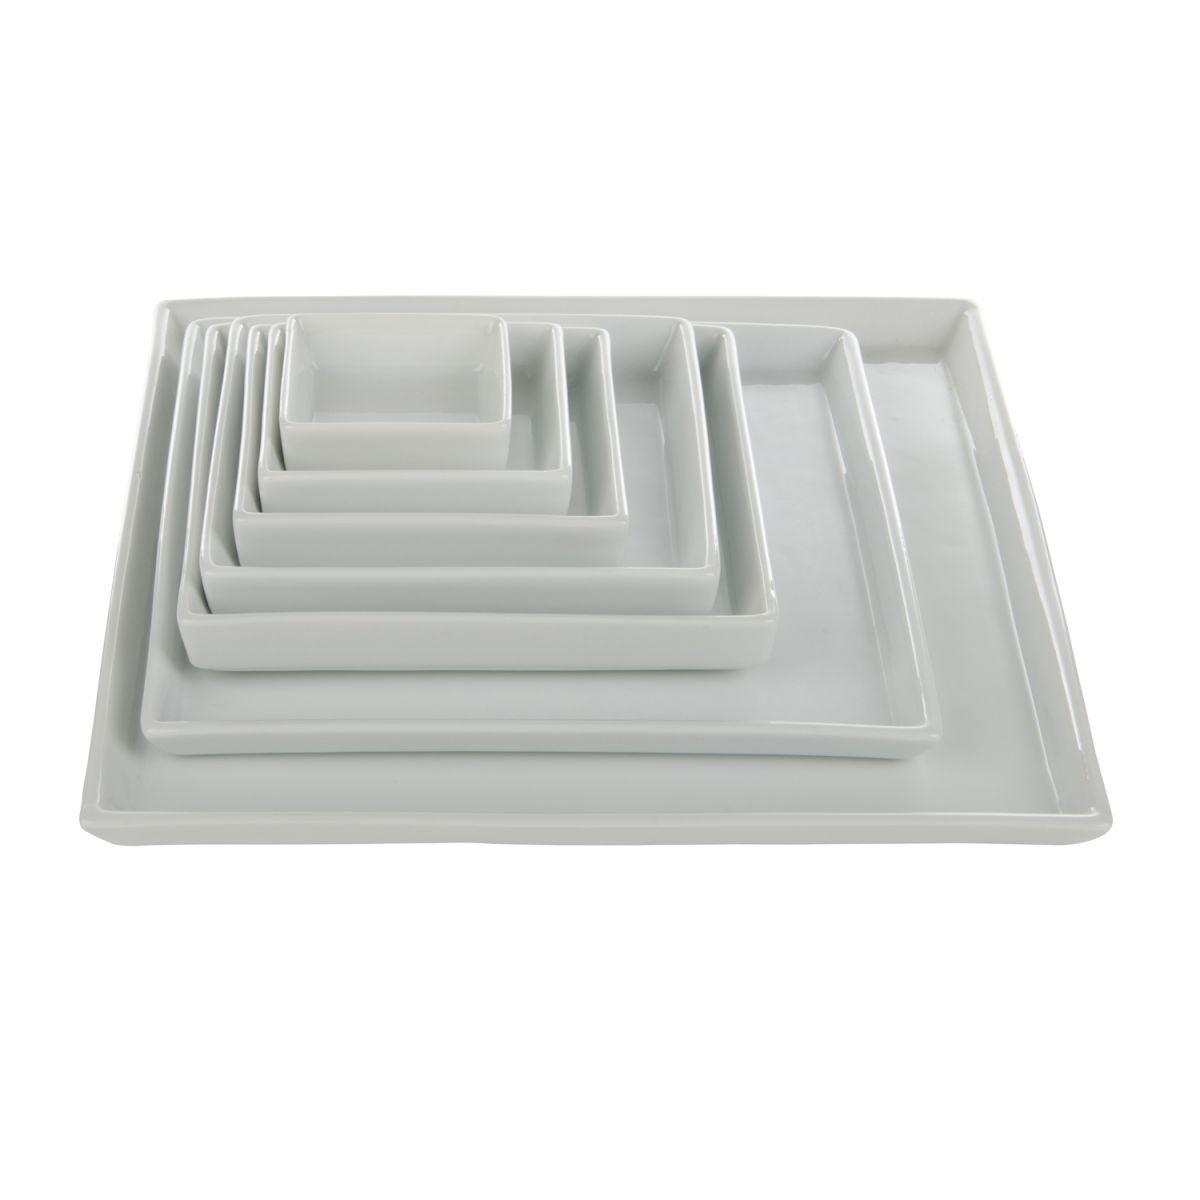 plate square border 6x6cm box12